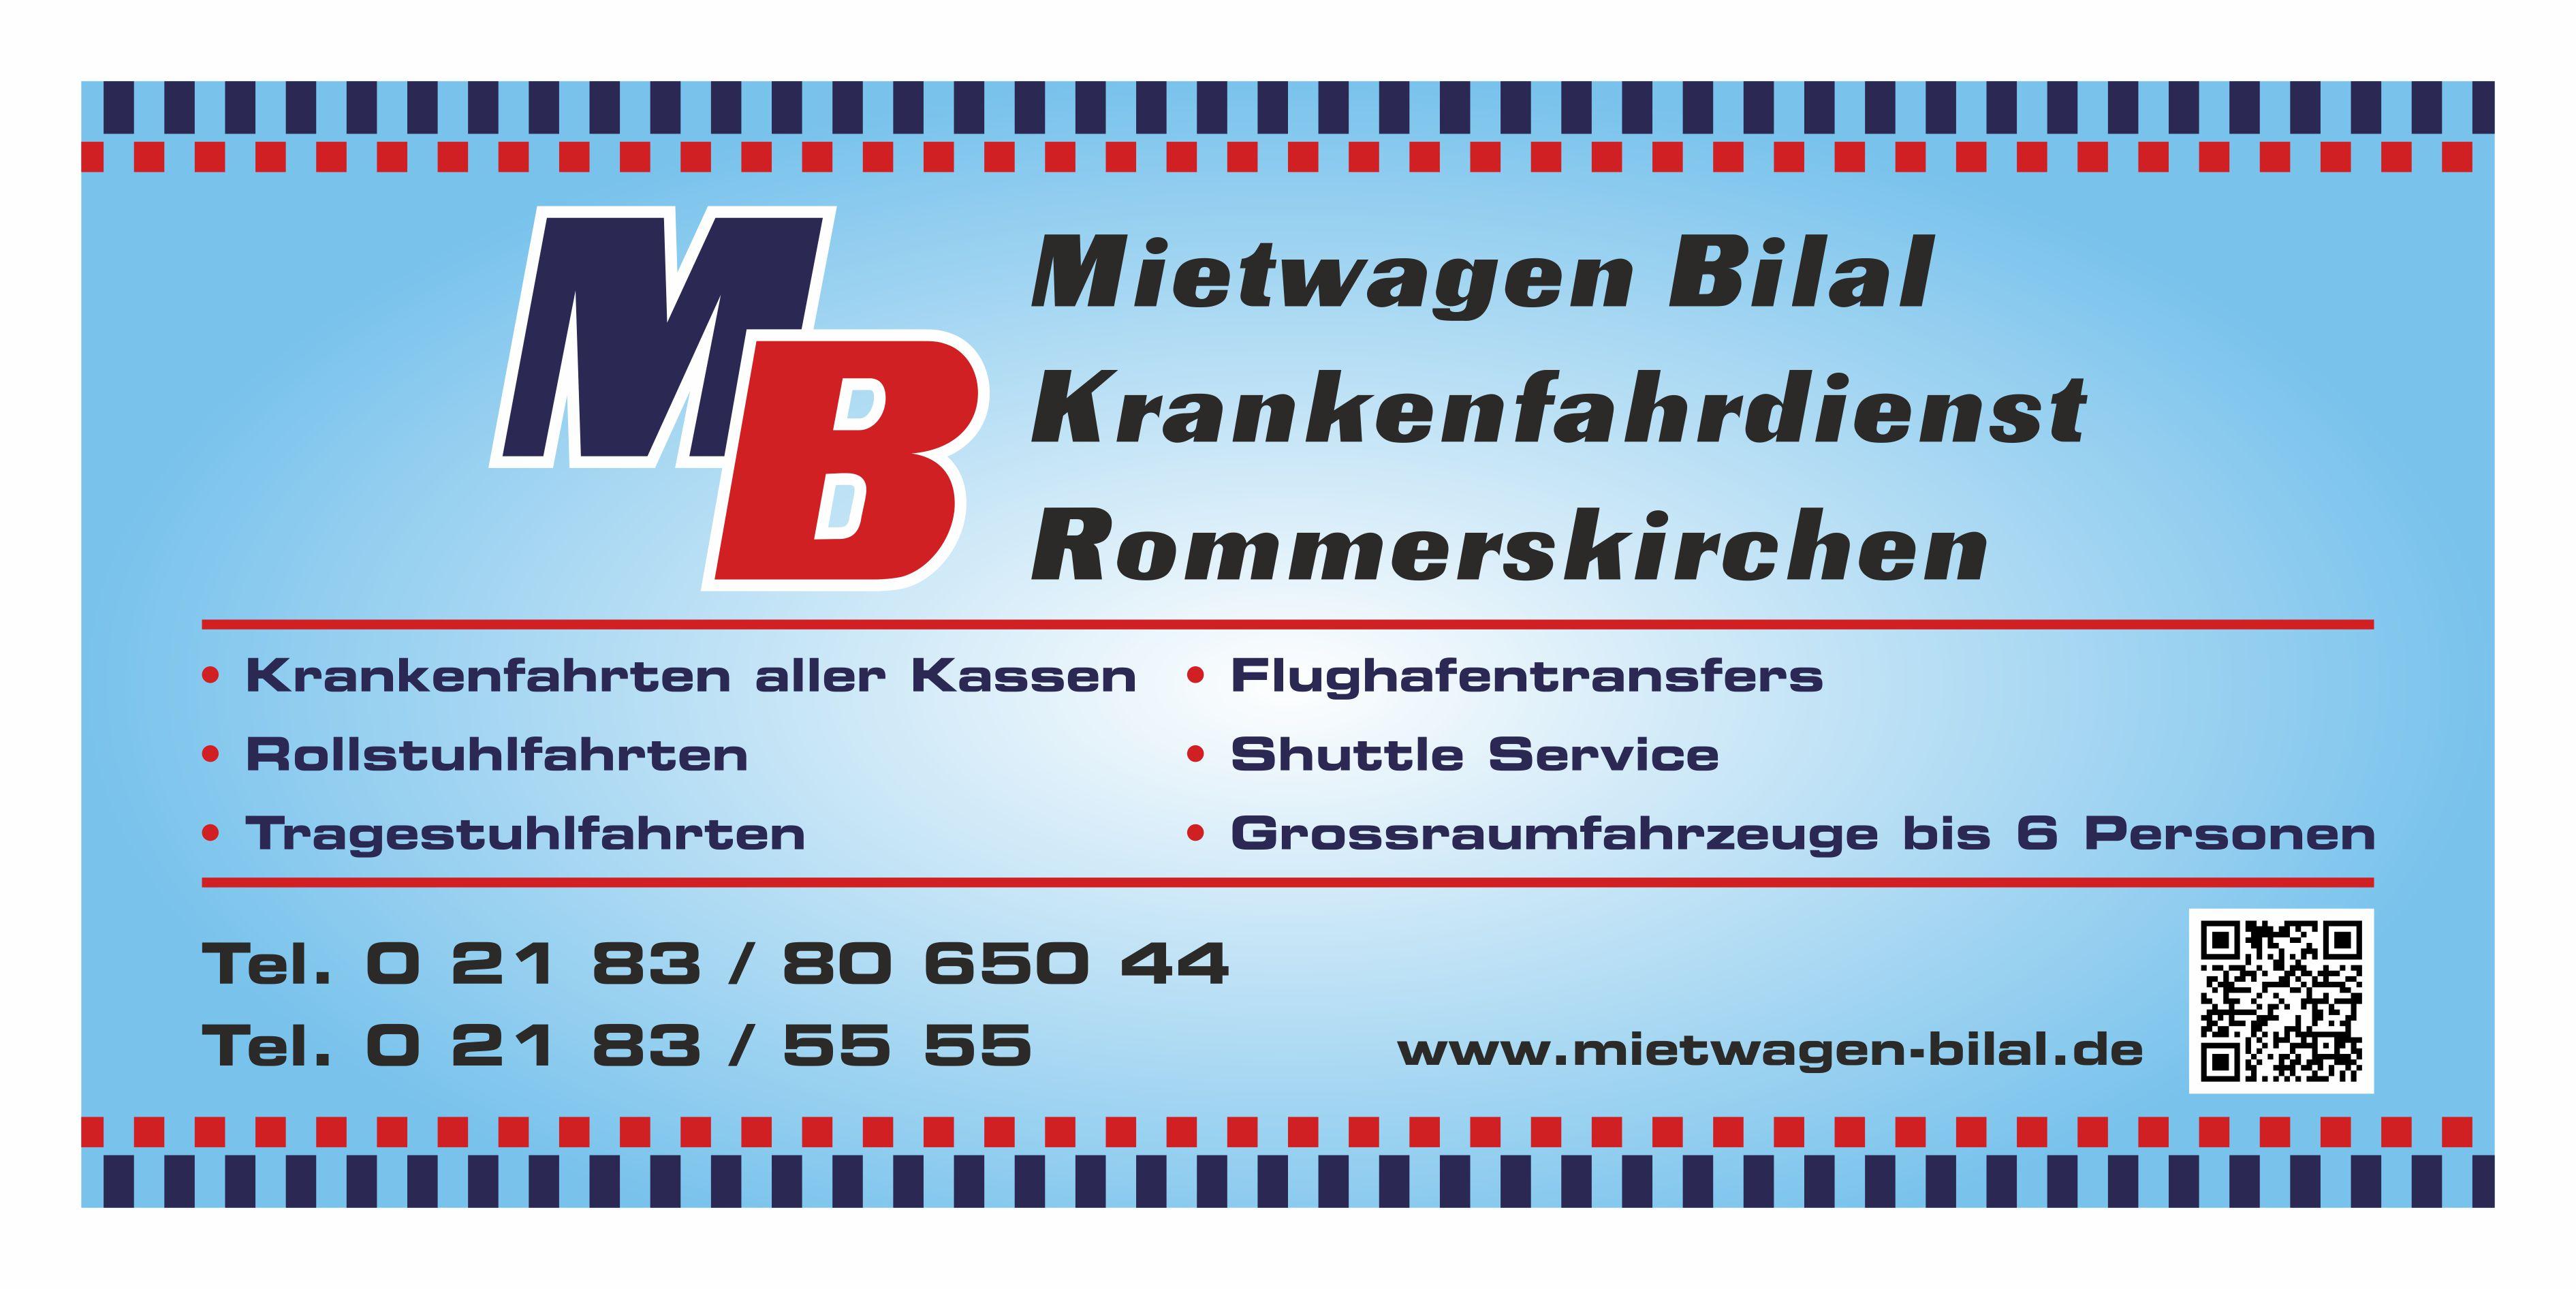 MB Mietwagen Bilal & Krankenfahrdienst Rommerskirchen